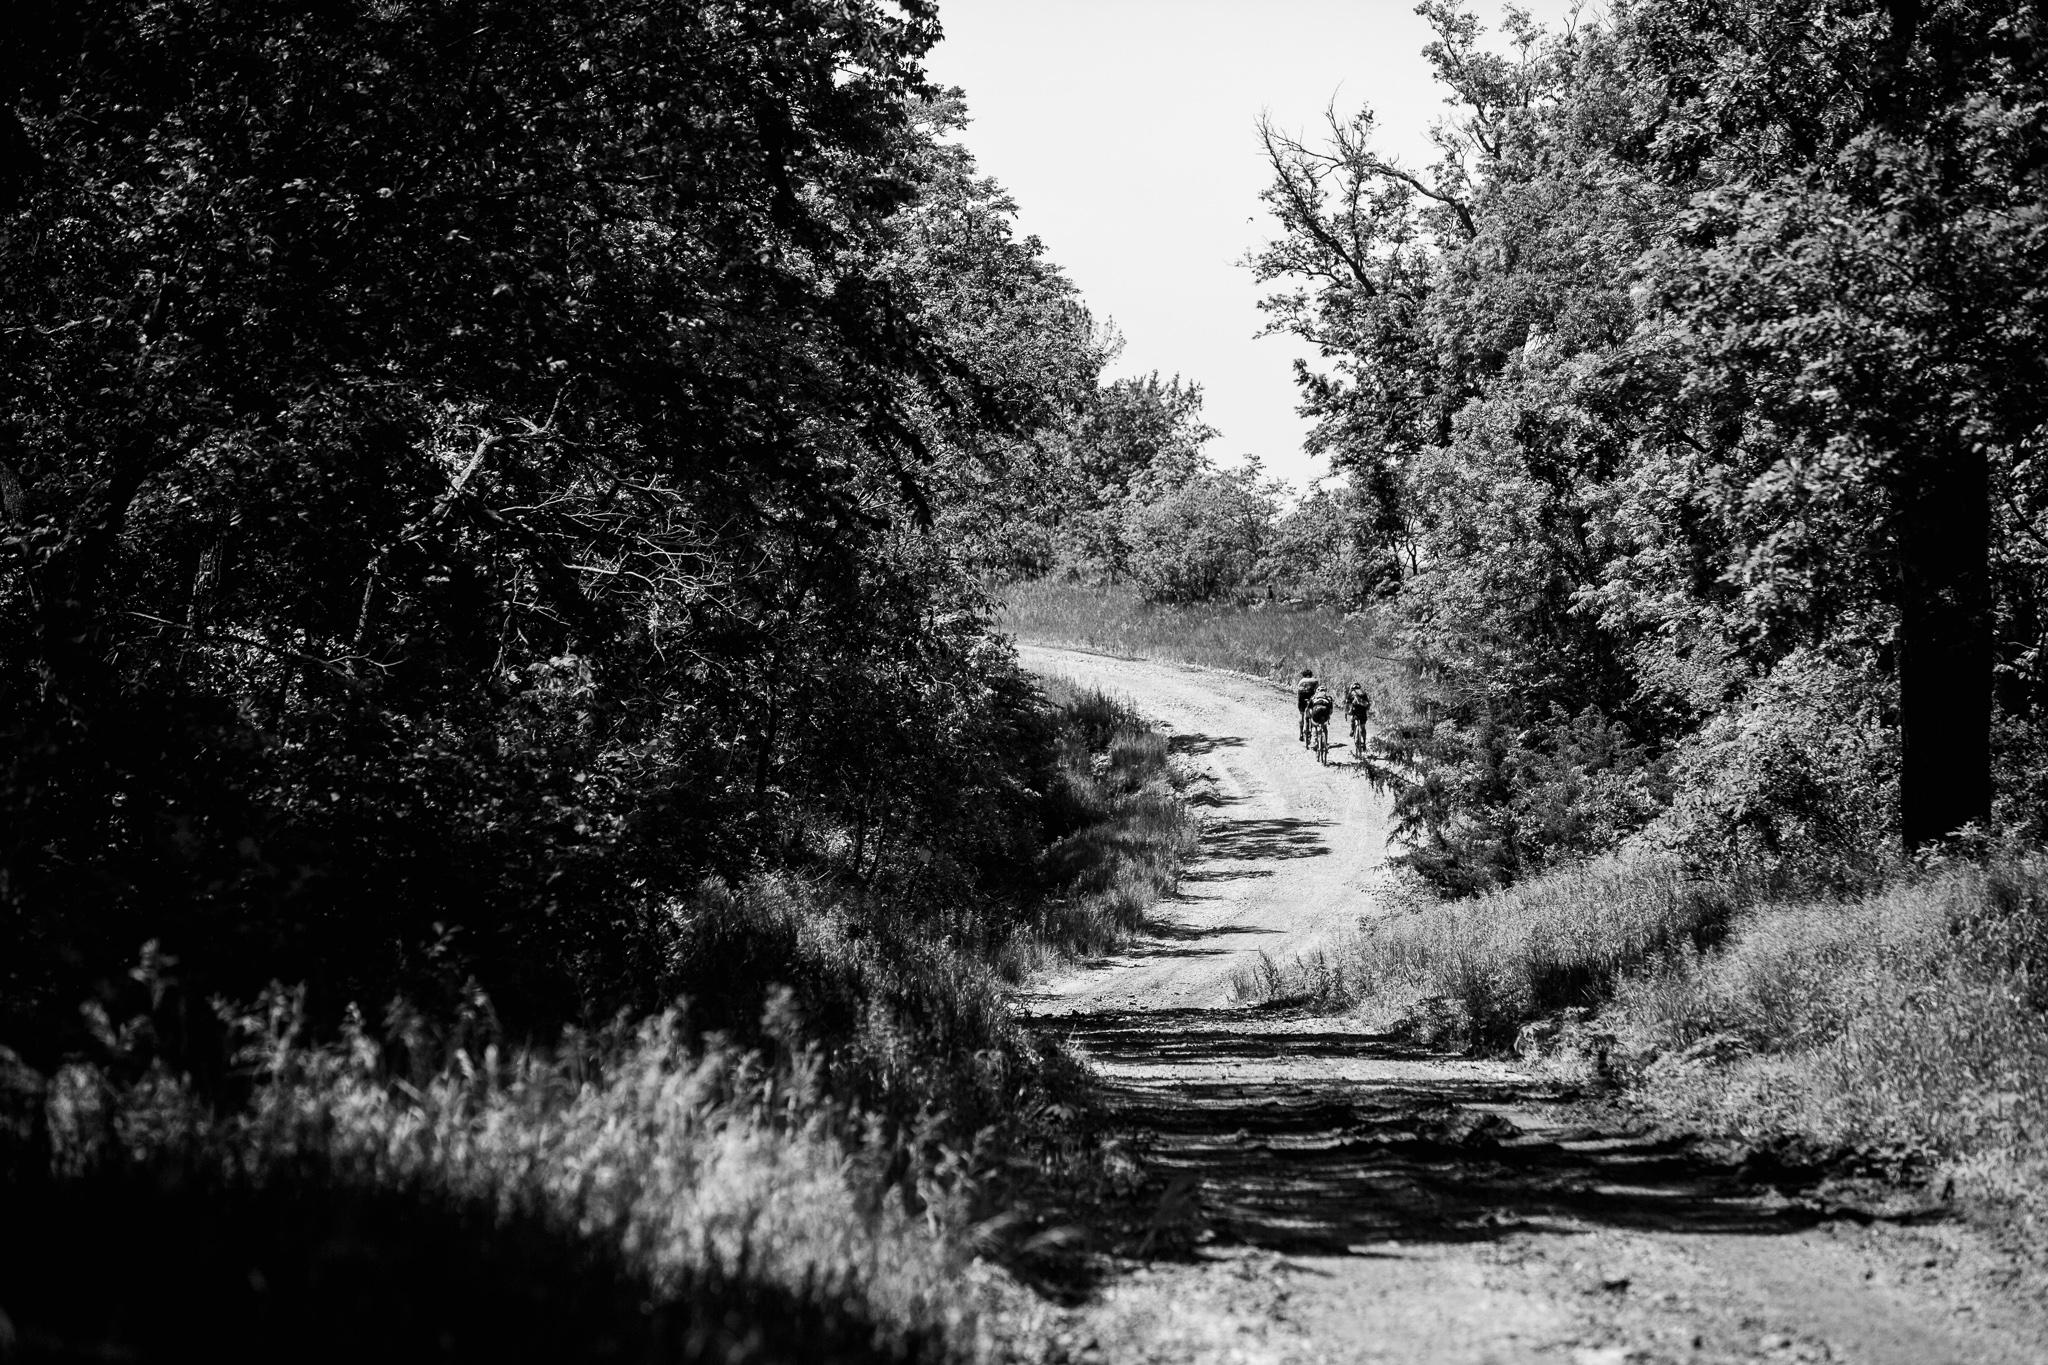 2019-06-01 Speedvagen Dirty Kanza Photo Essay-9.jpg